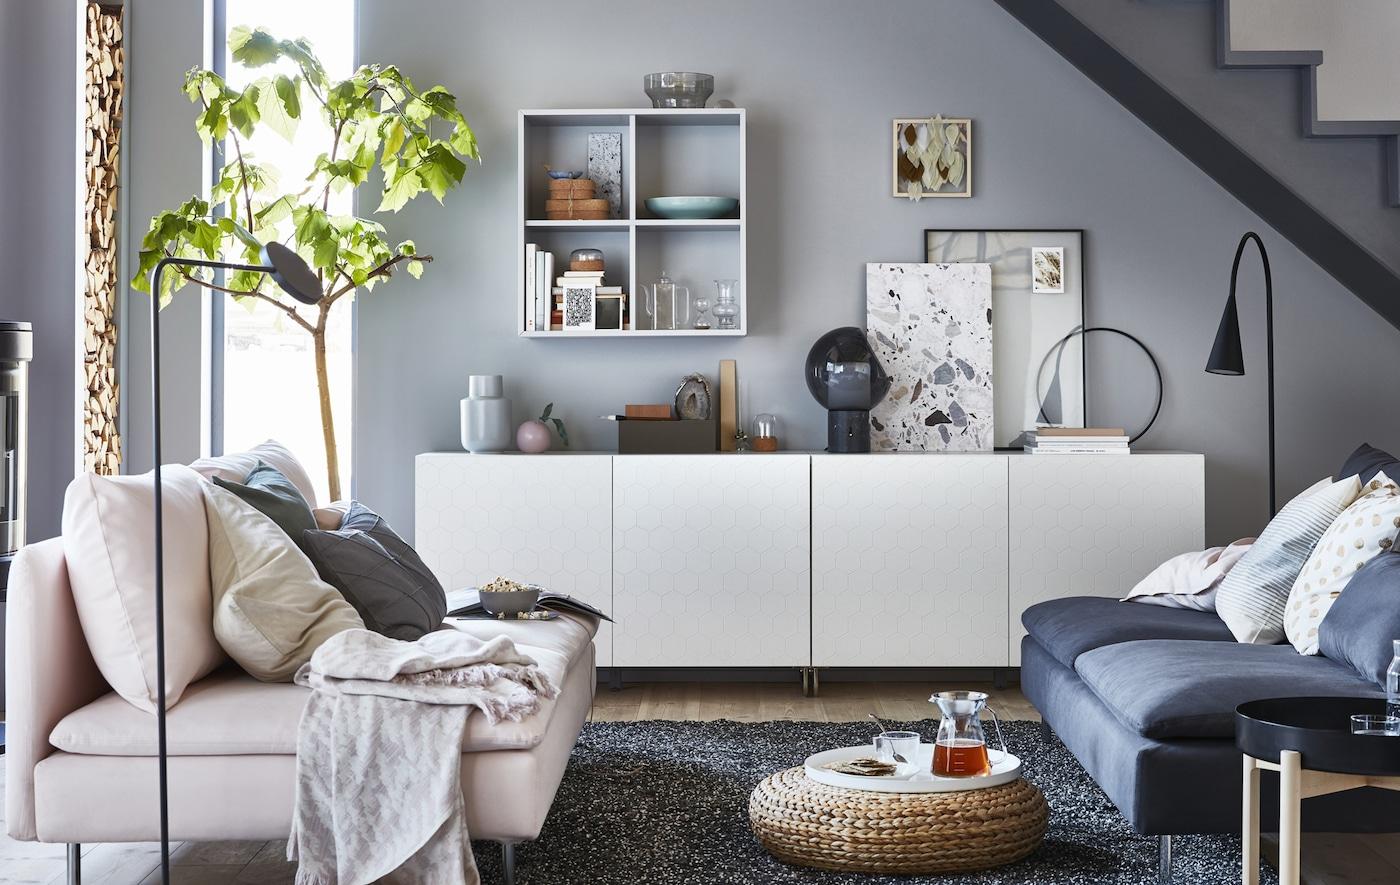 Meuble Ikea Besta Blanc des rangements élégants avec le nouveau look bestÅ - ikea